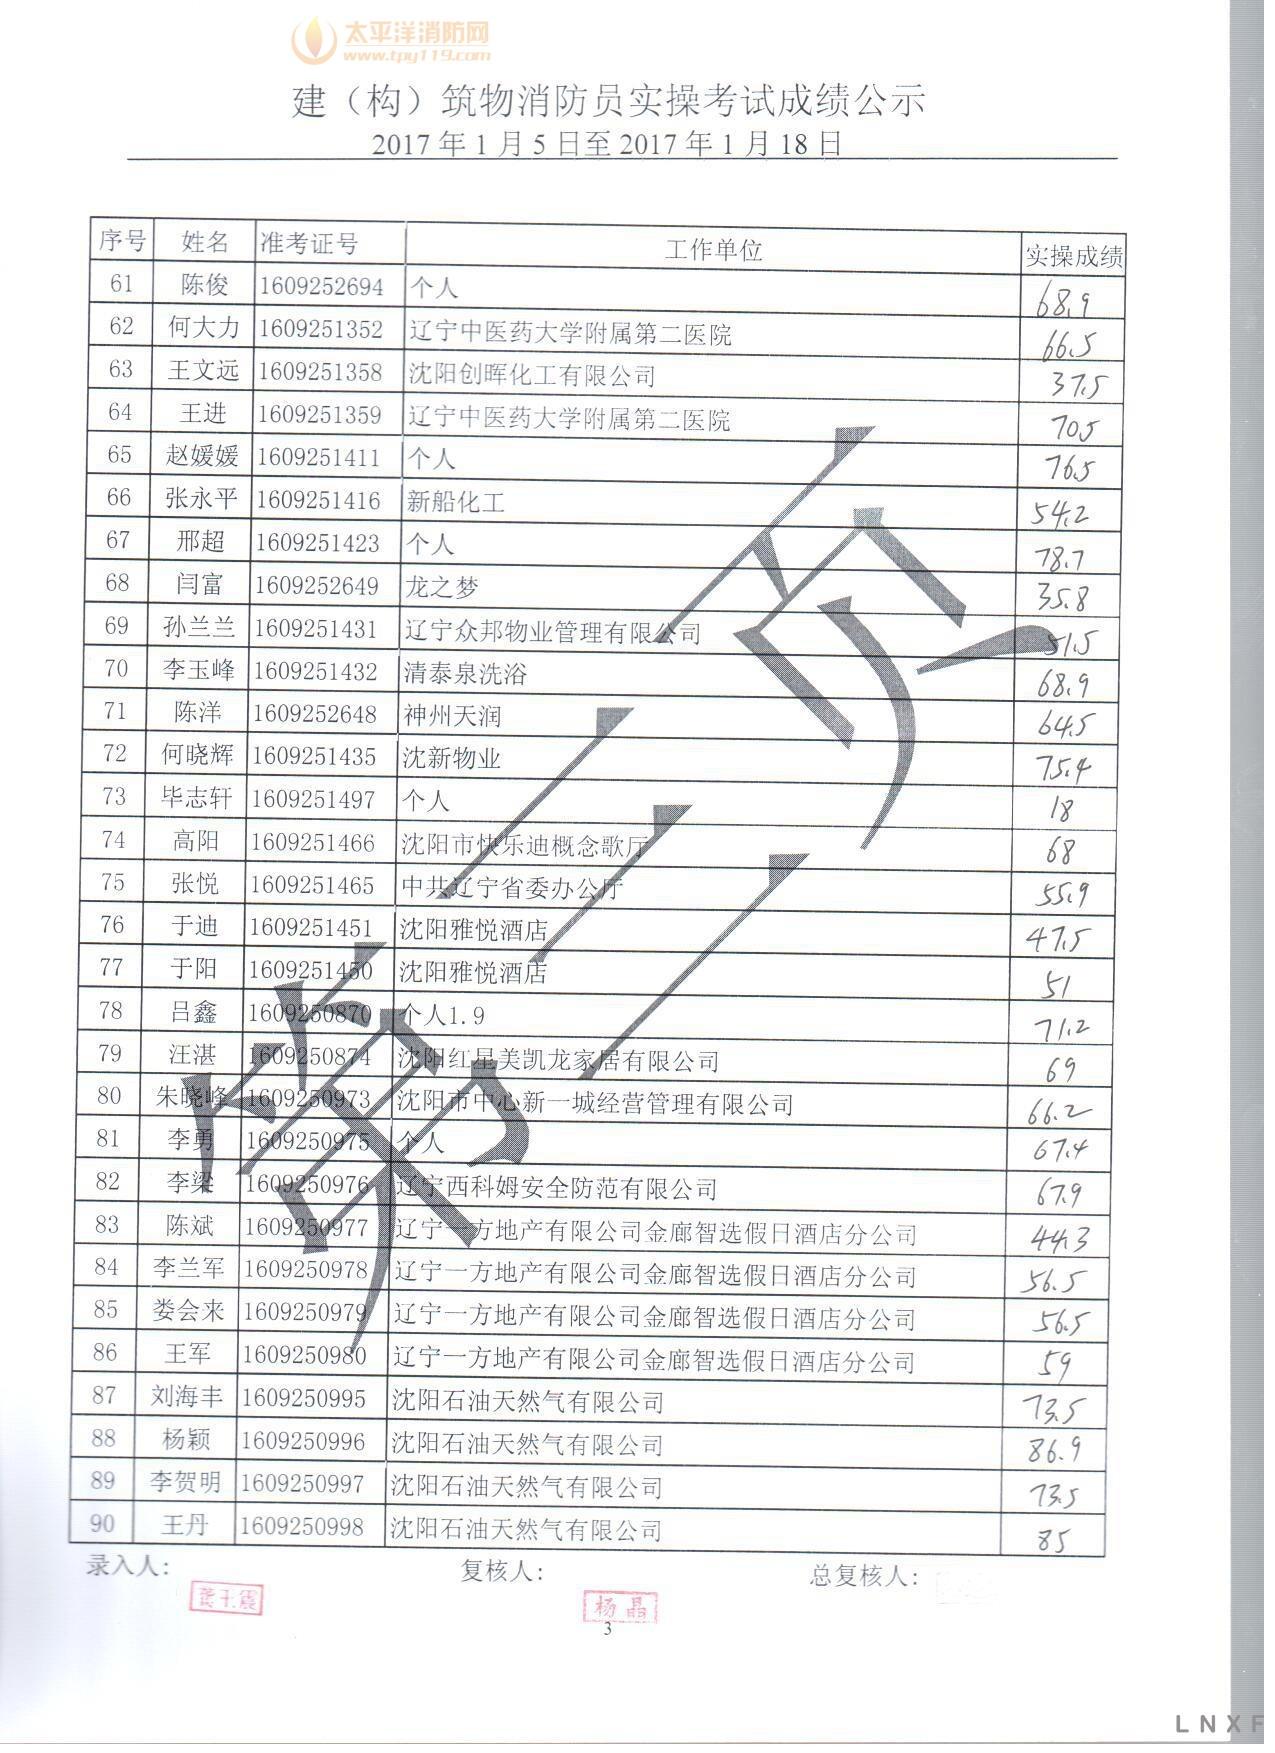 2017年建(构)筑物消防员职业技能鉴定实操考试成绩公示(01.05-01.18)